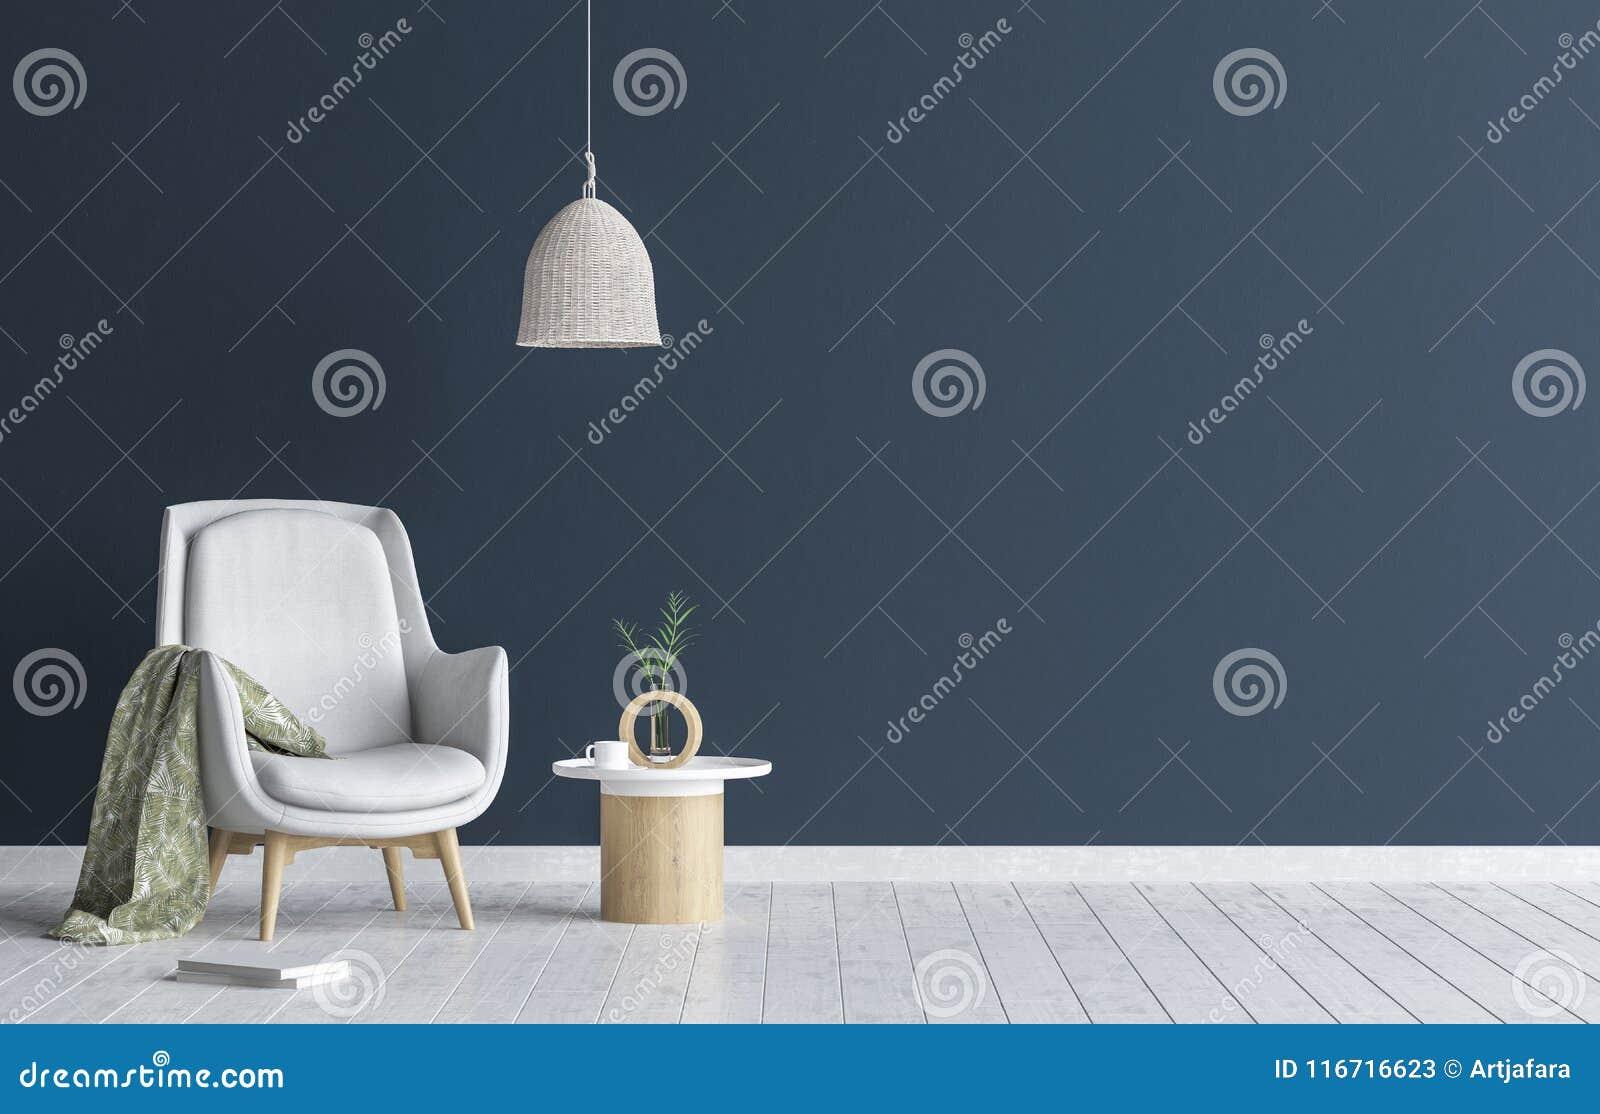 Έδρα με το λαμπτήρα και τραπεζάκι σαλονιού στην εσωτερική, σκούρο μπλε χλεύη τοίχων καθιστικών επάνω στο υπόβαθρο